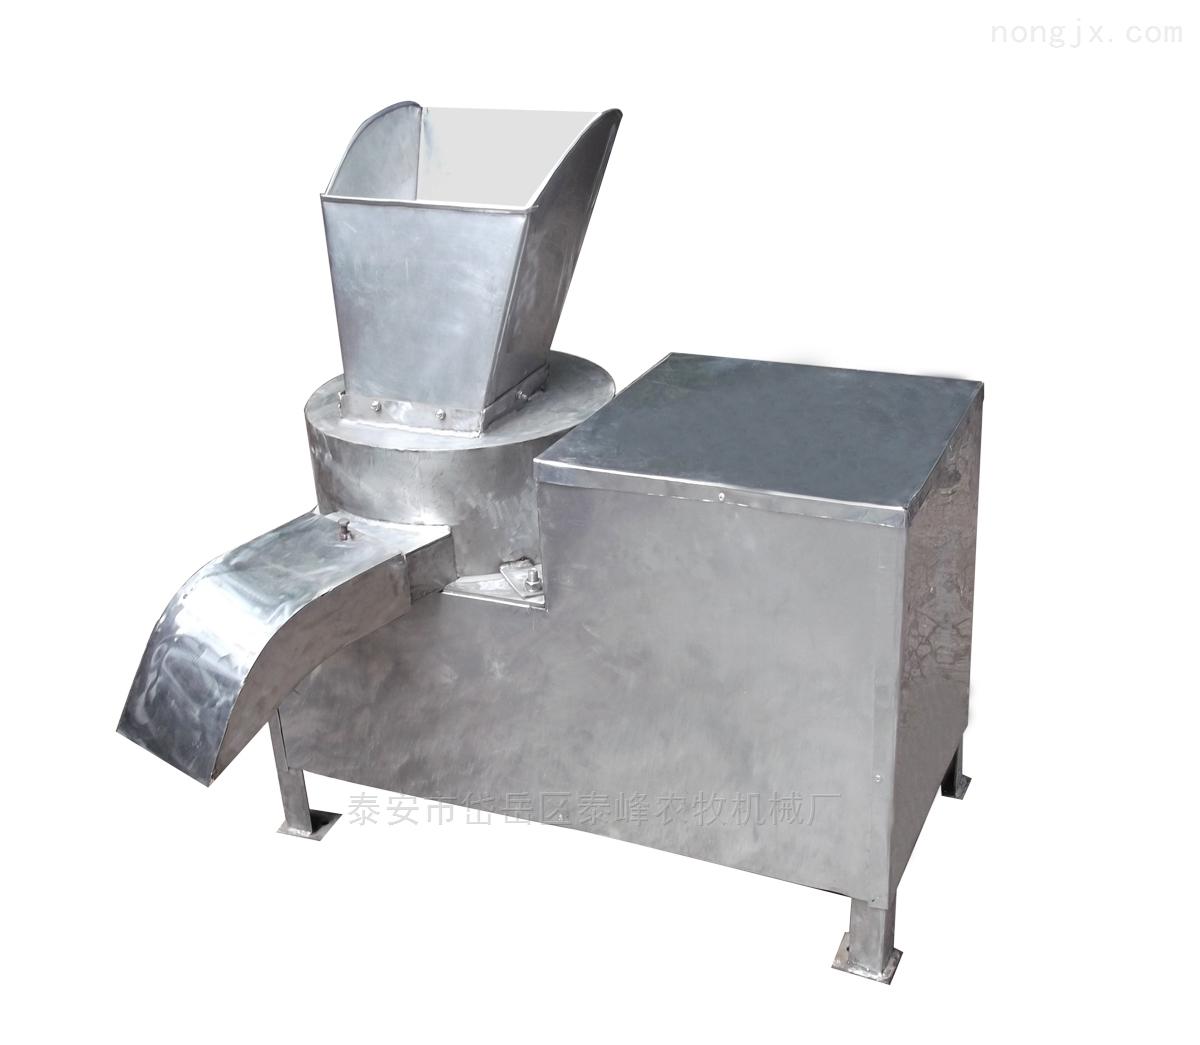 八鹰不锈钢餐厨厨余垃圾粉碎机